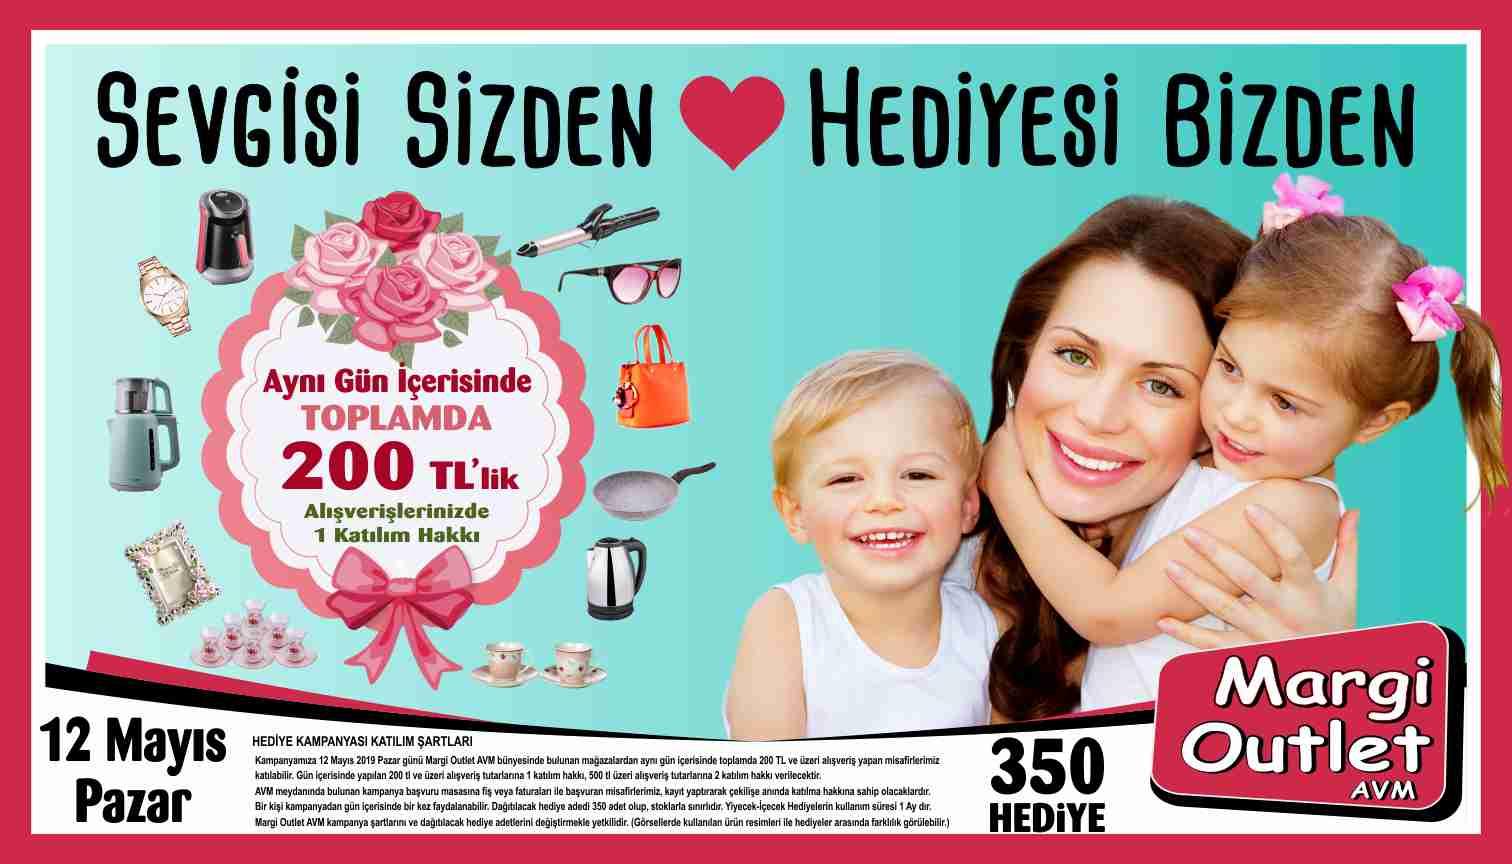 12 Mayıs Anneler Günü'nde Sevgisi Sizden Hediyesi Margi Outlet'ten!